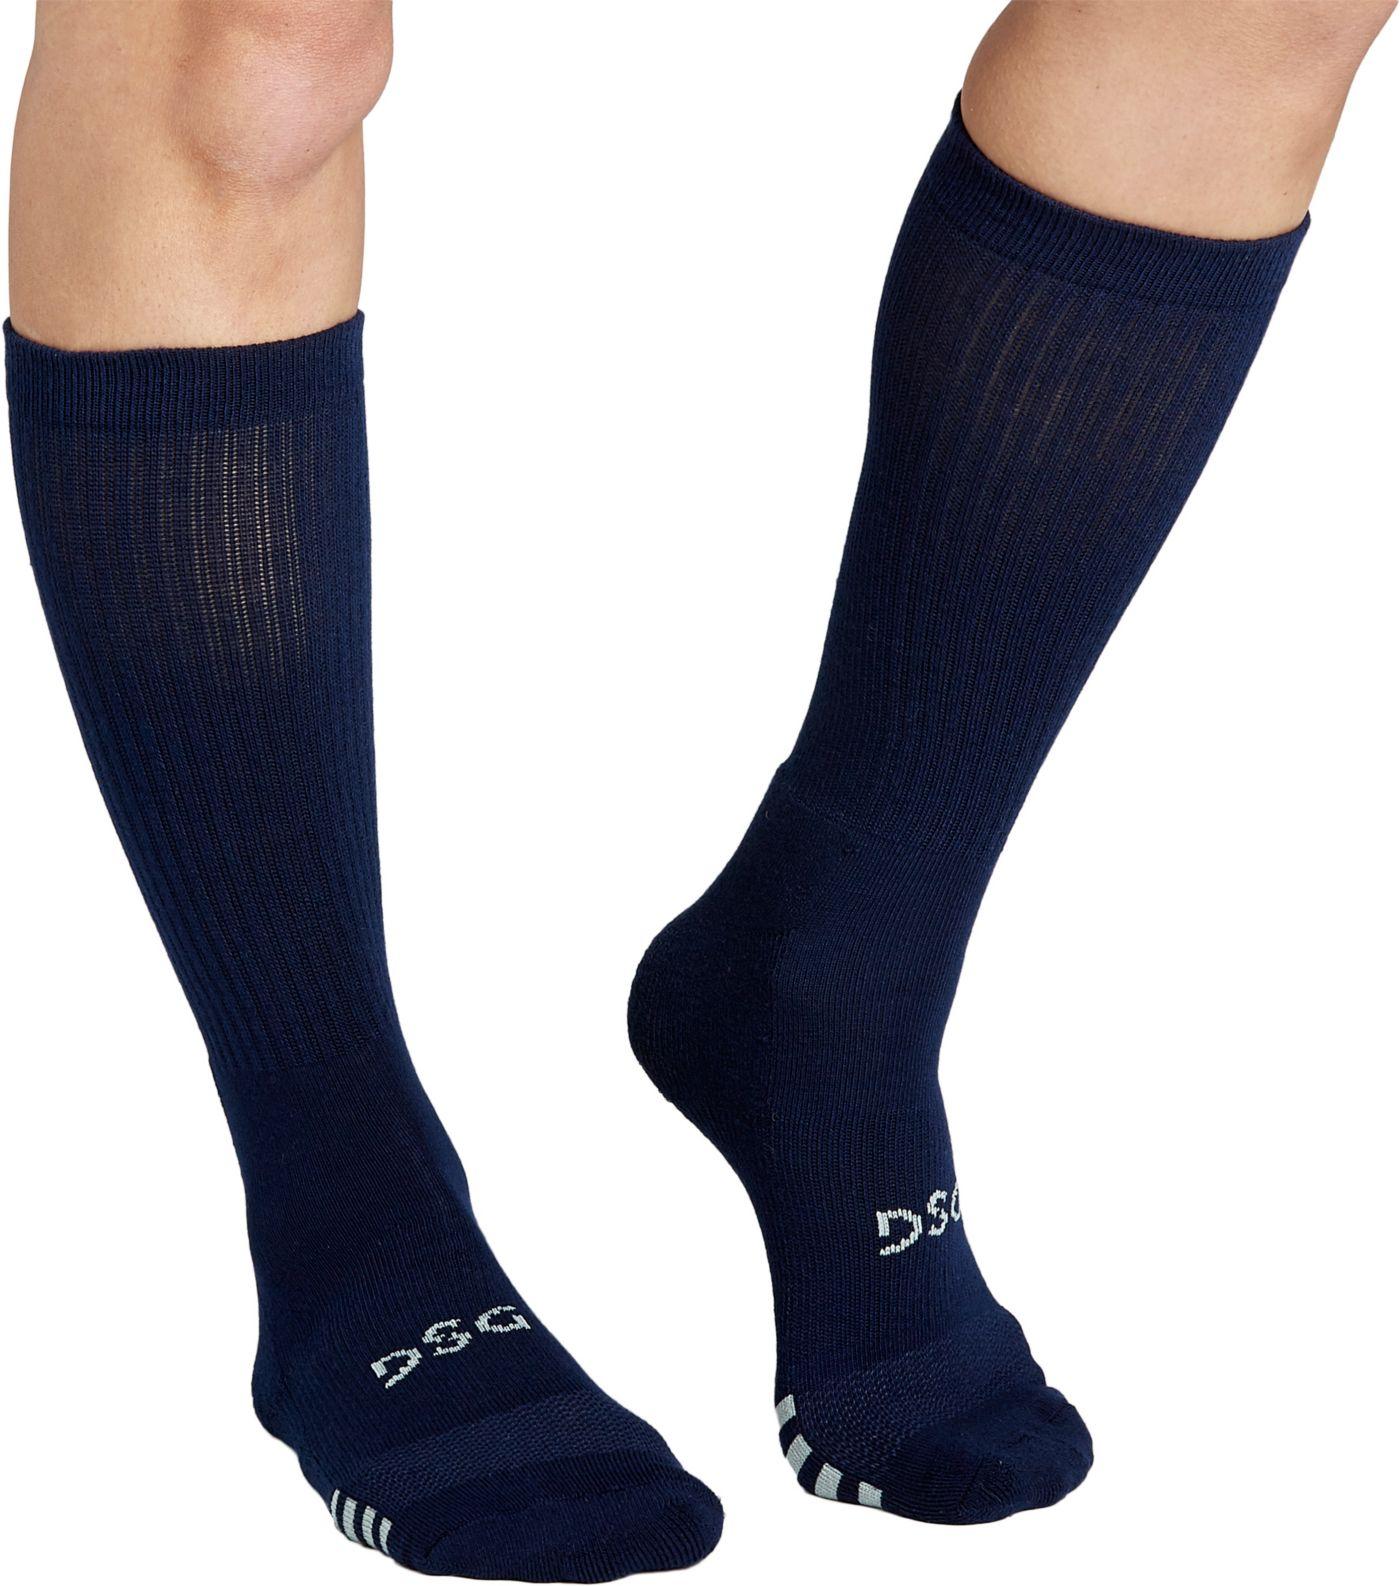 DSG All Sport Crew Socks